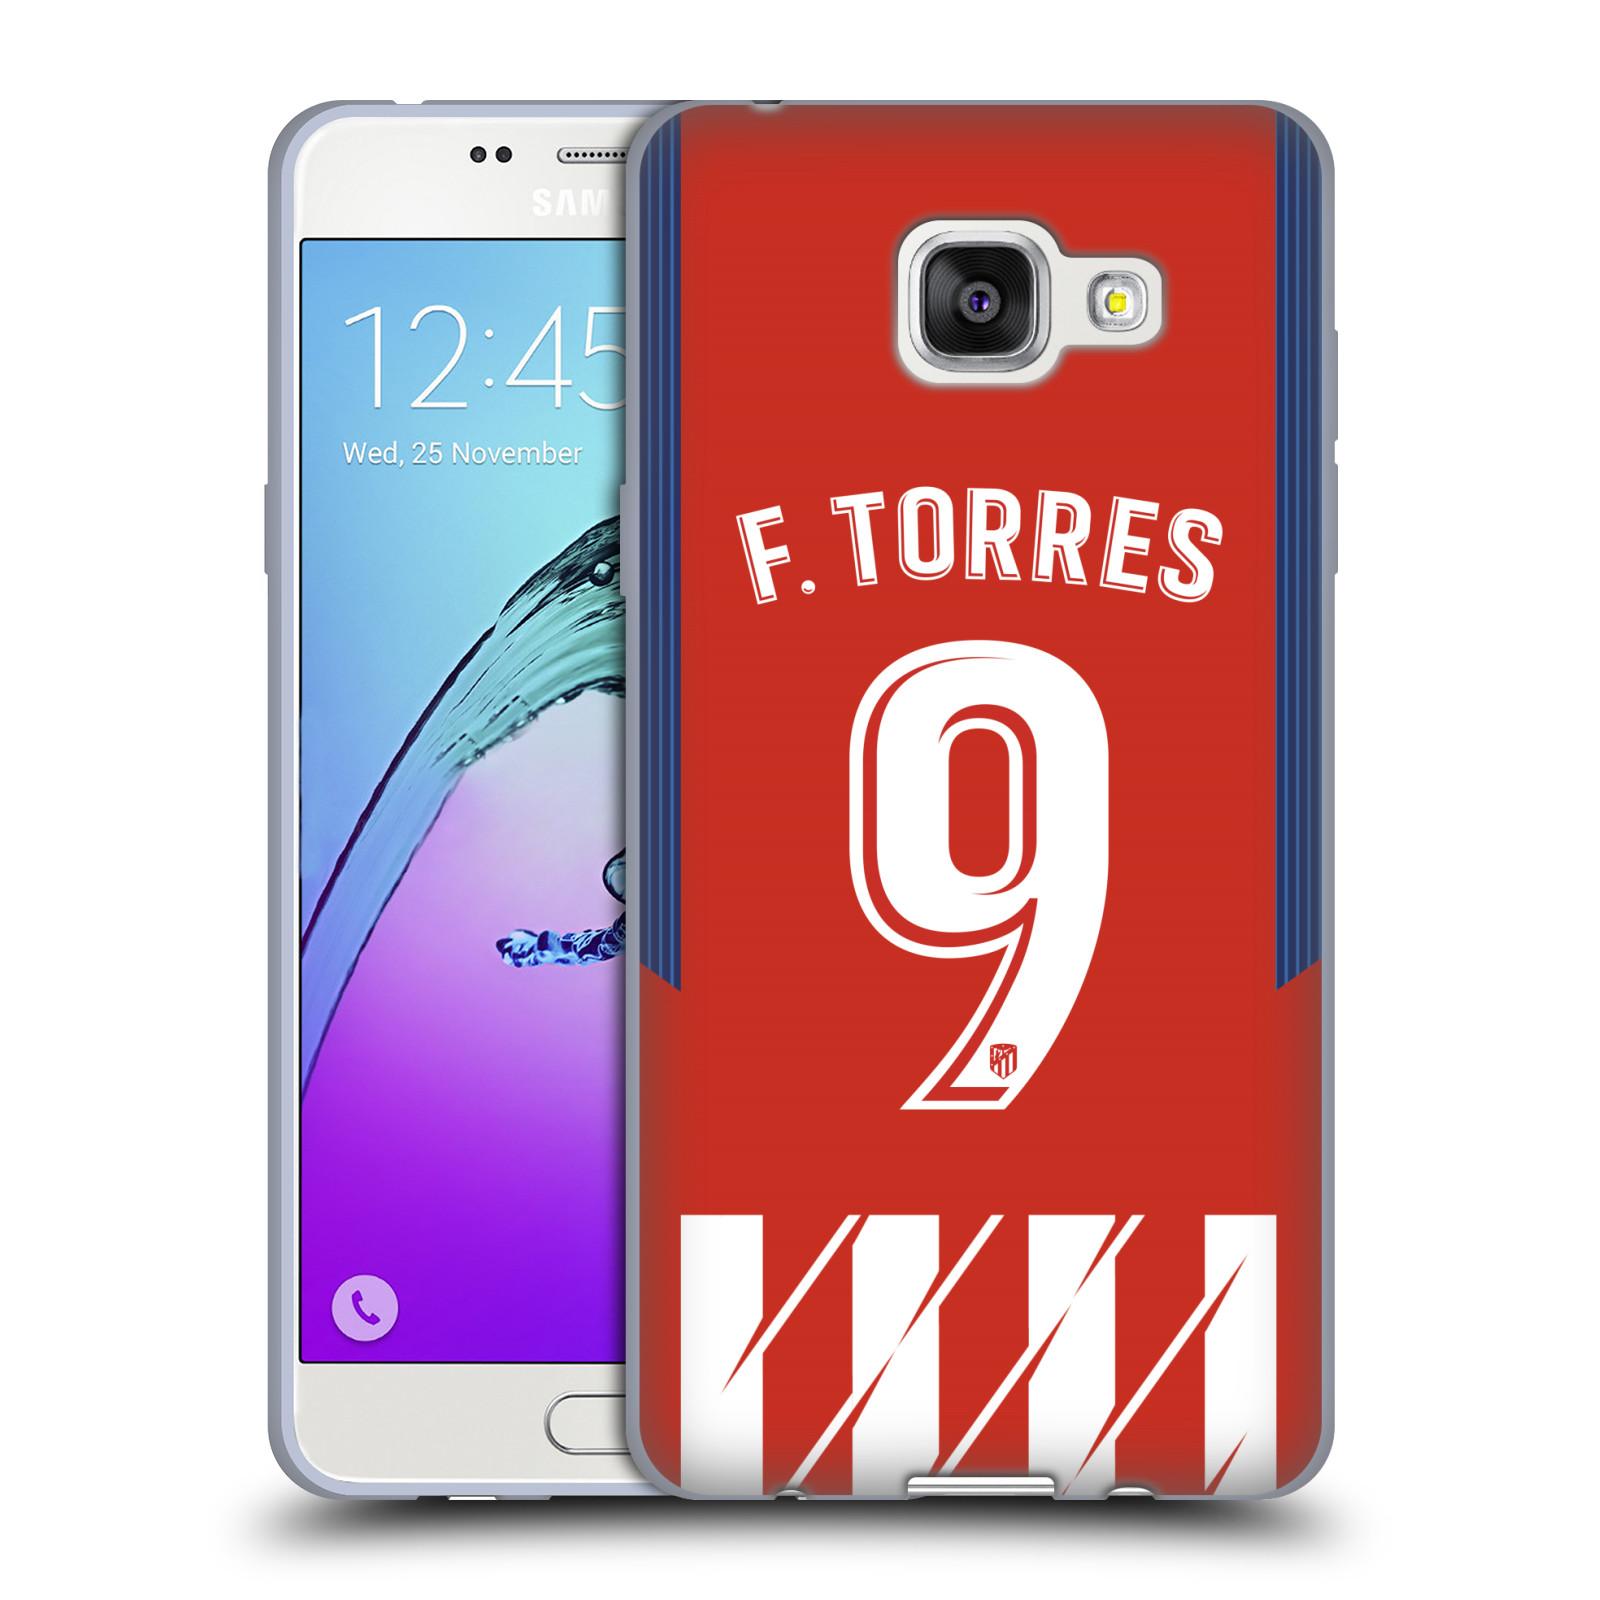 HEAD CASE silikonový obal na mobil Samsung Galaxy A5 2016 (A510) Fotbalový klub Atlético Madrid dres Fernando Torres